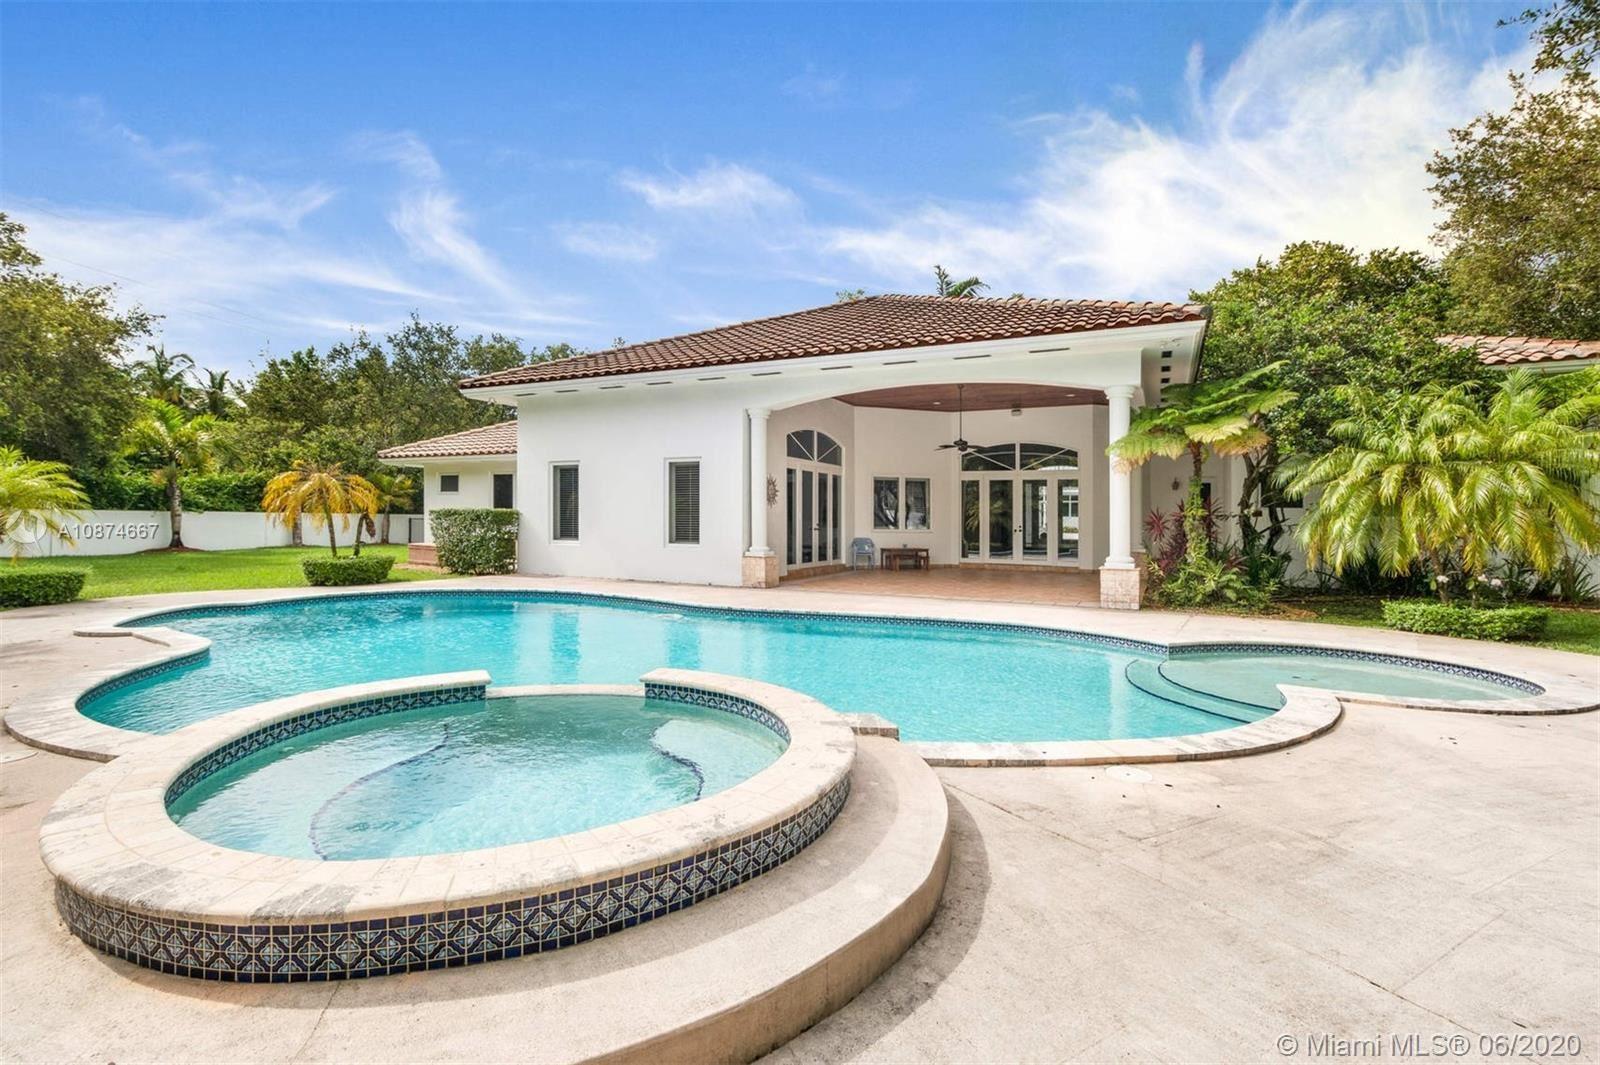 8201 SW 111 terrace, Miami, FL 33156 - #: A10874667